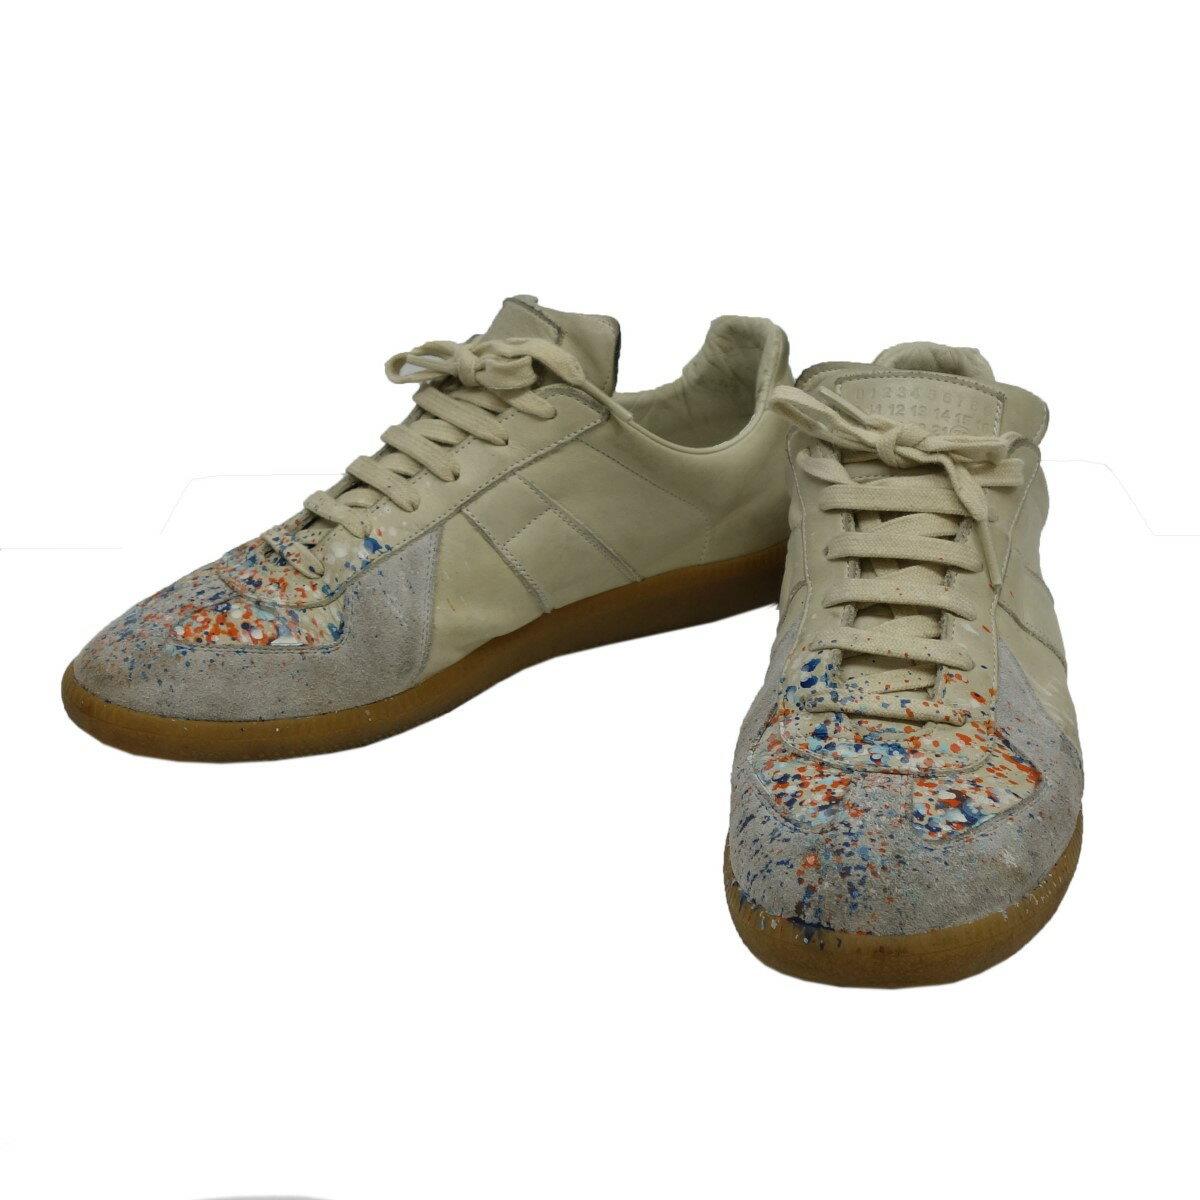 メンズ靴, その他 MARTIN MARGIELA 22 42 130320 22